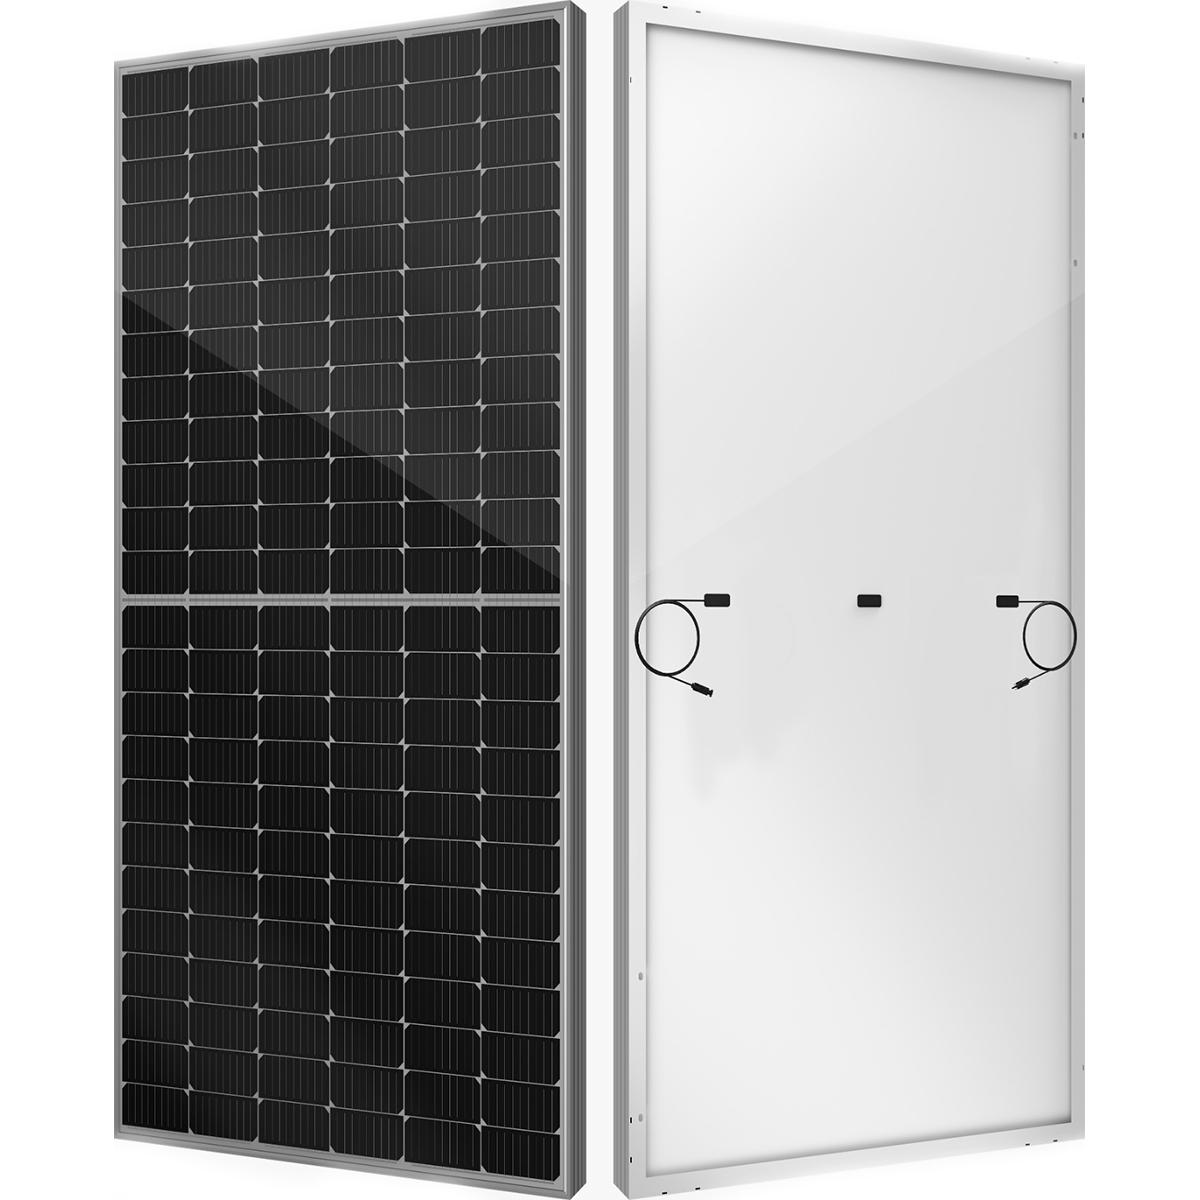 seraphim 435W panel, seraphim 435Watt panel, seraphim 435 W panel, seraphim 435 Watt panel, seraphim 435 Watt monokristal half cut panel, seraphim 435 W watt gunes paneli, seraphim 435 W watt monokristal half cut gunes paneli, seraphim 435 W Watt fotovoltaik monokristal half cut solar panel, seraphim 435W monokristal half cut gunes enerjisi, seraphim SRP-435-BMA-HV panel, SERAPHIM 435 WATT